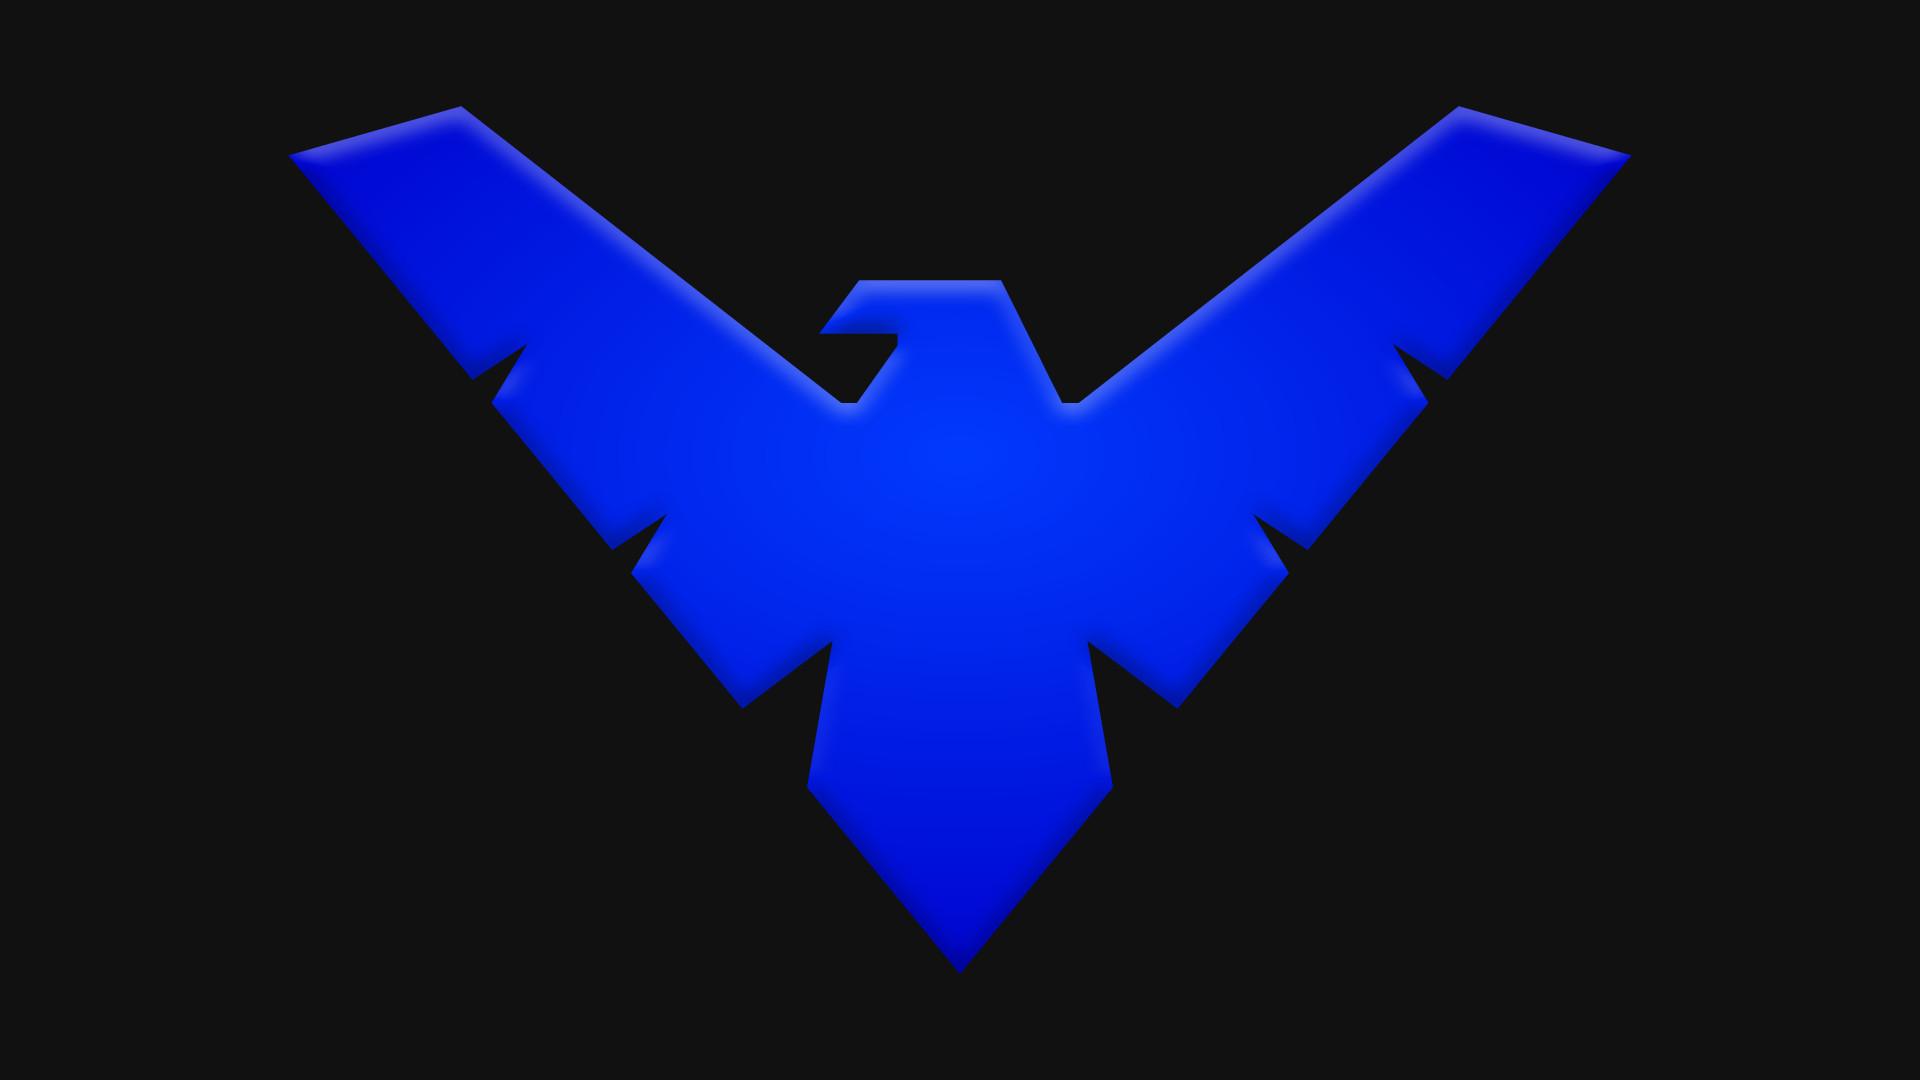 Nightwing Logo Wallpaper  WallpaperSafari